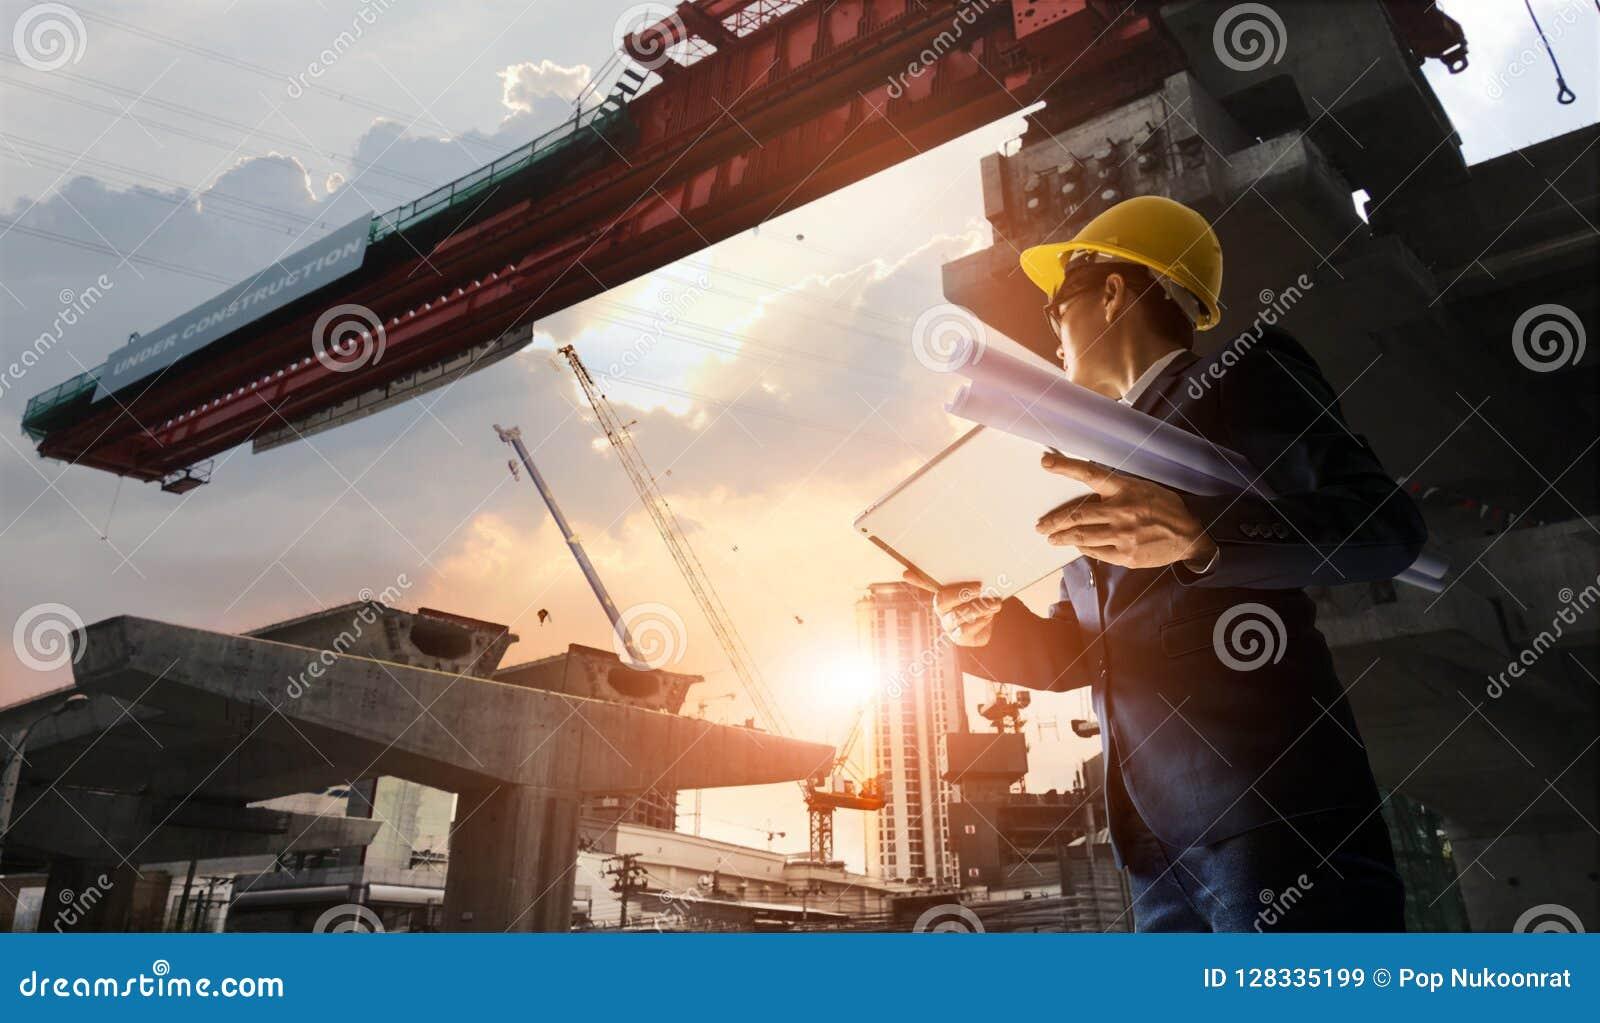 De manager die van de bouwingenieur vooruitgang van BTS Statio controleren